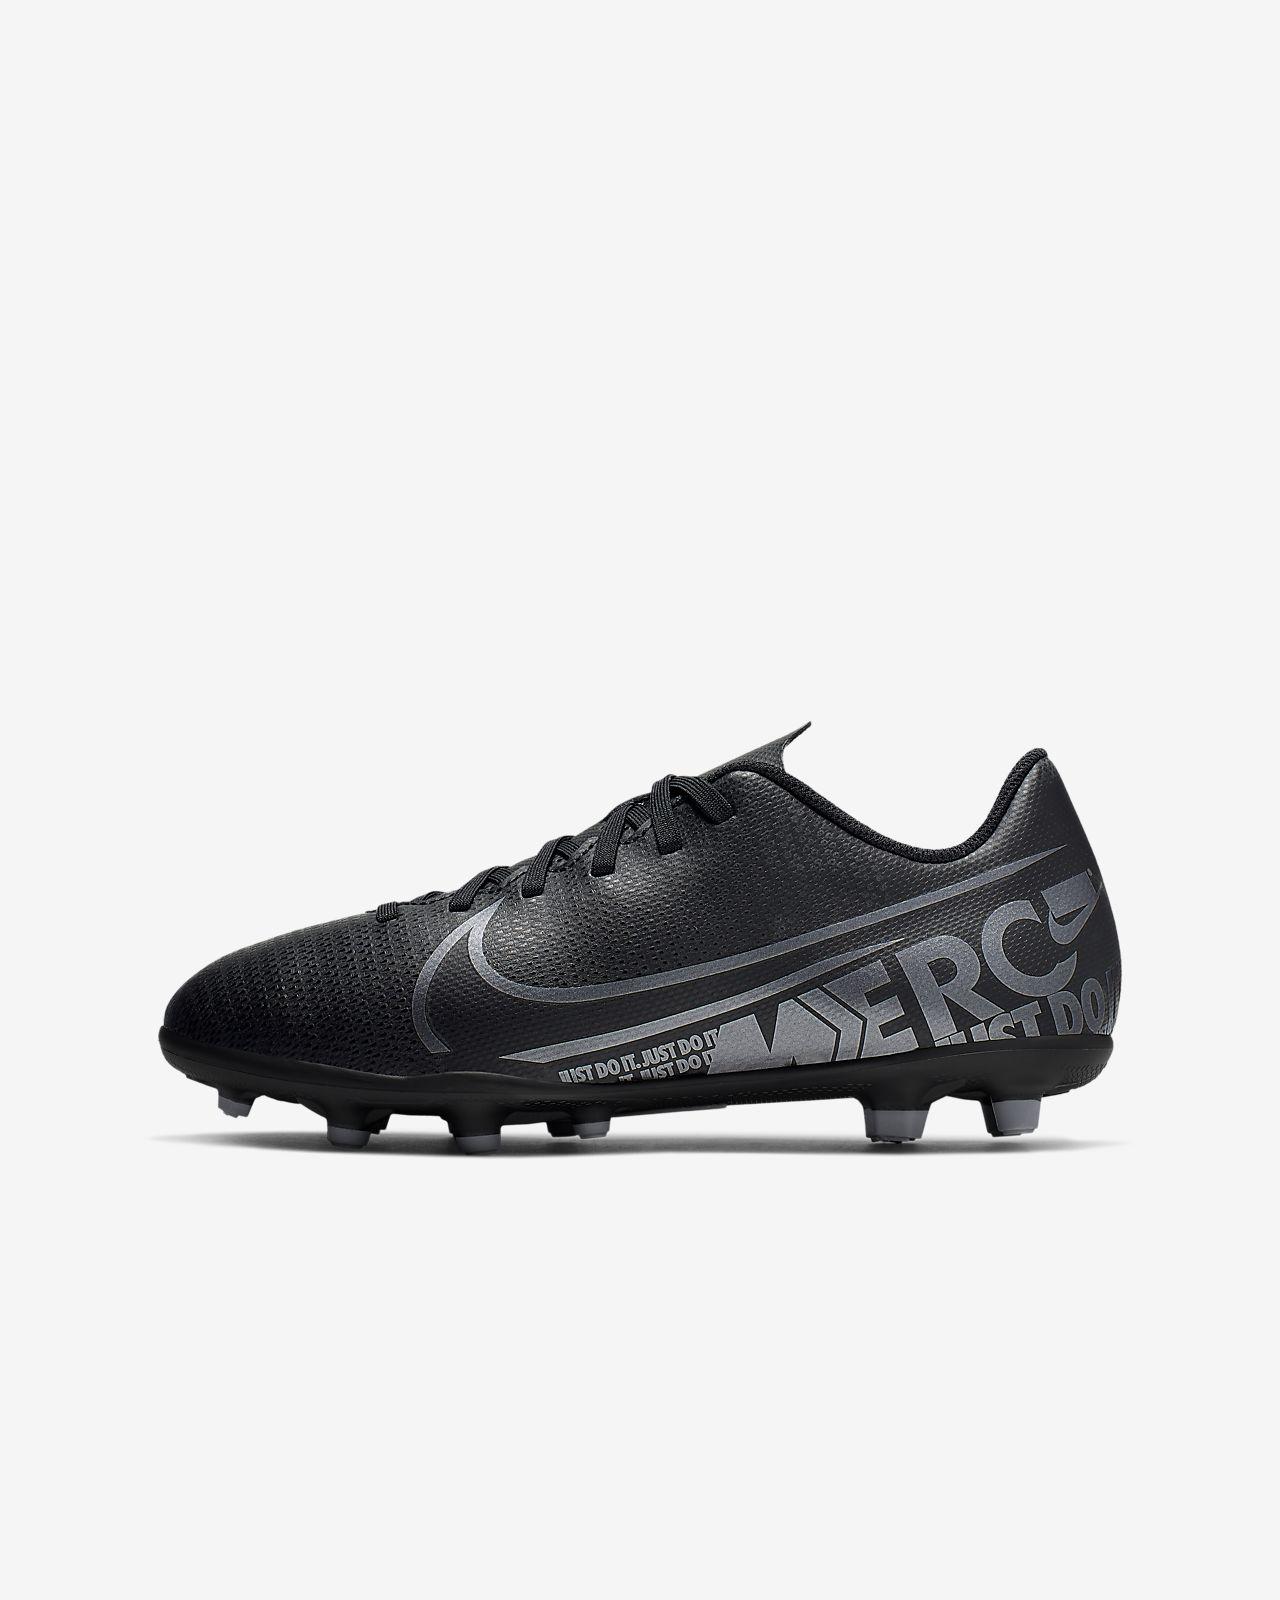 Ποδοσφαιρικό παπούτσι για διαφορετικές επιφάνειες Nike Jr. Mercurial Vapor 13 Club MG για μικρά/μεγάλα παιδιά